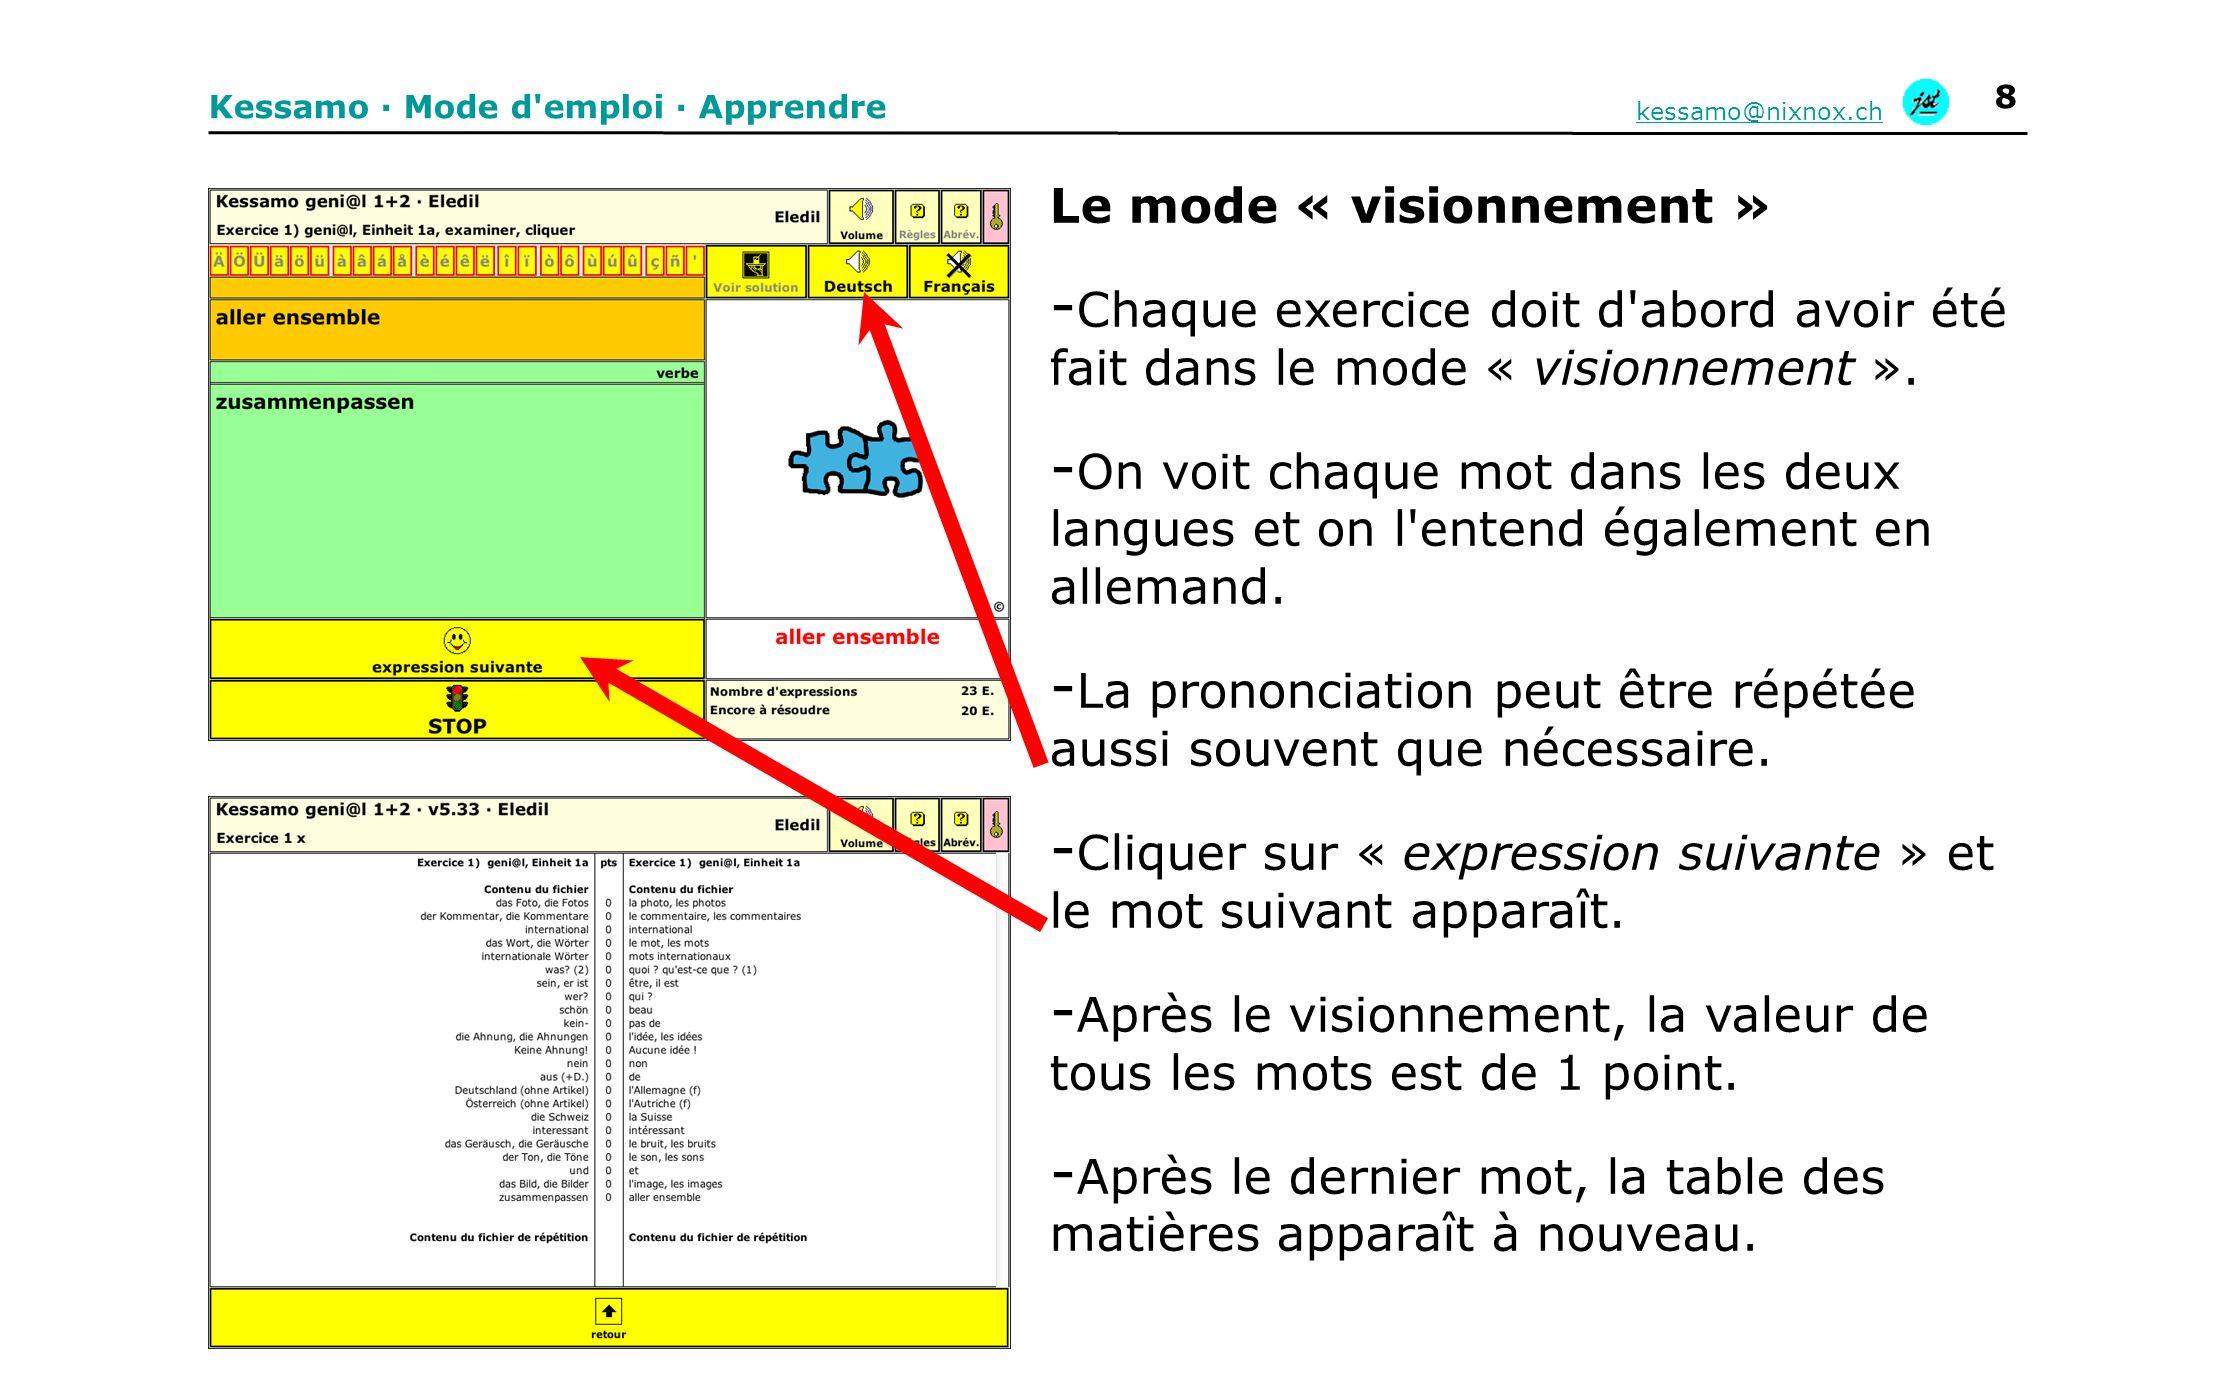 Kessamo · Mode d emploi · Apprendre kessamo@nixnox.ch 9 Mode « cliquer » - Par la suite, le mode « visionnement » apparaît toujours dans cette fenêtre.